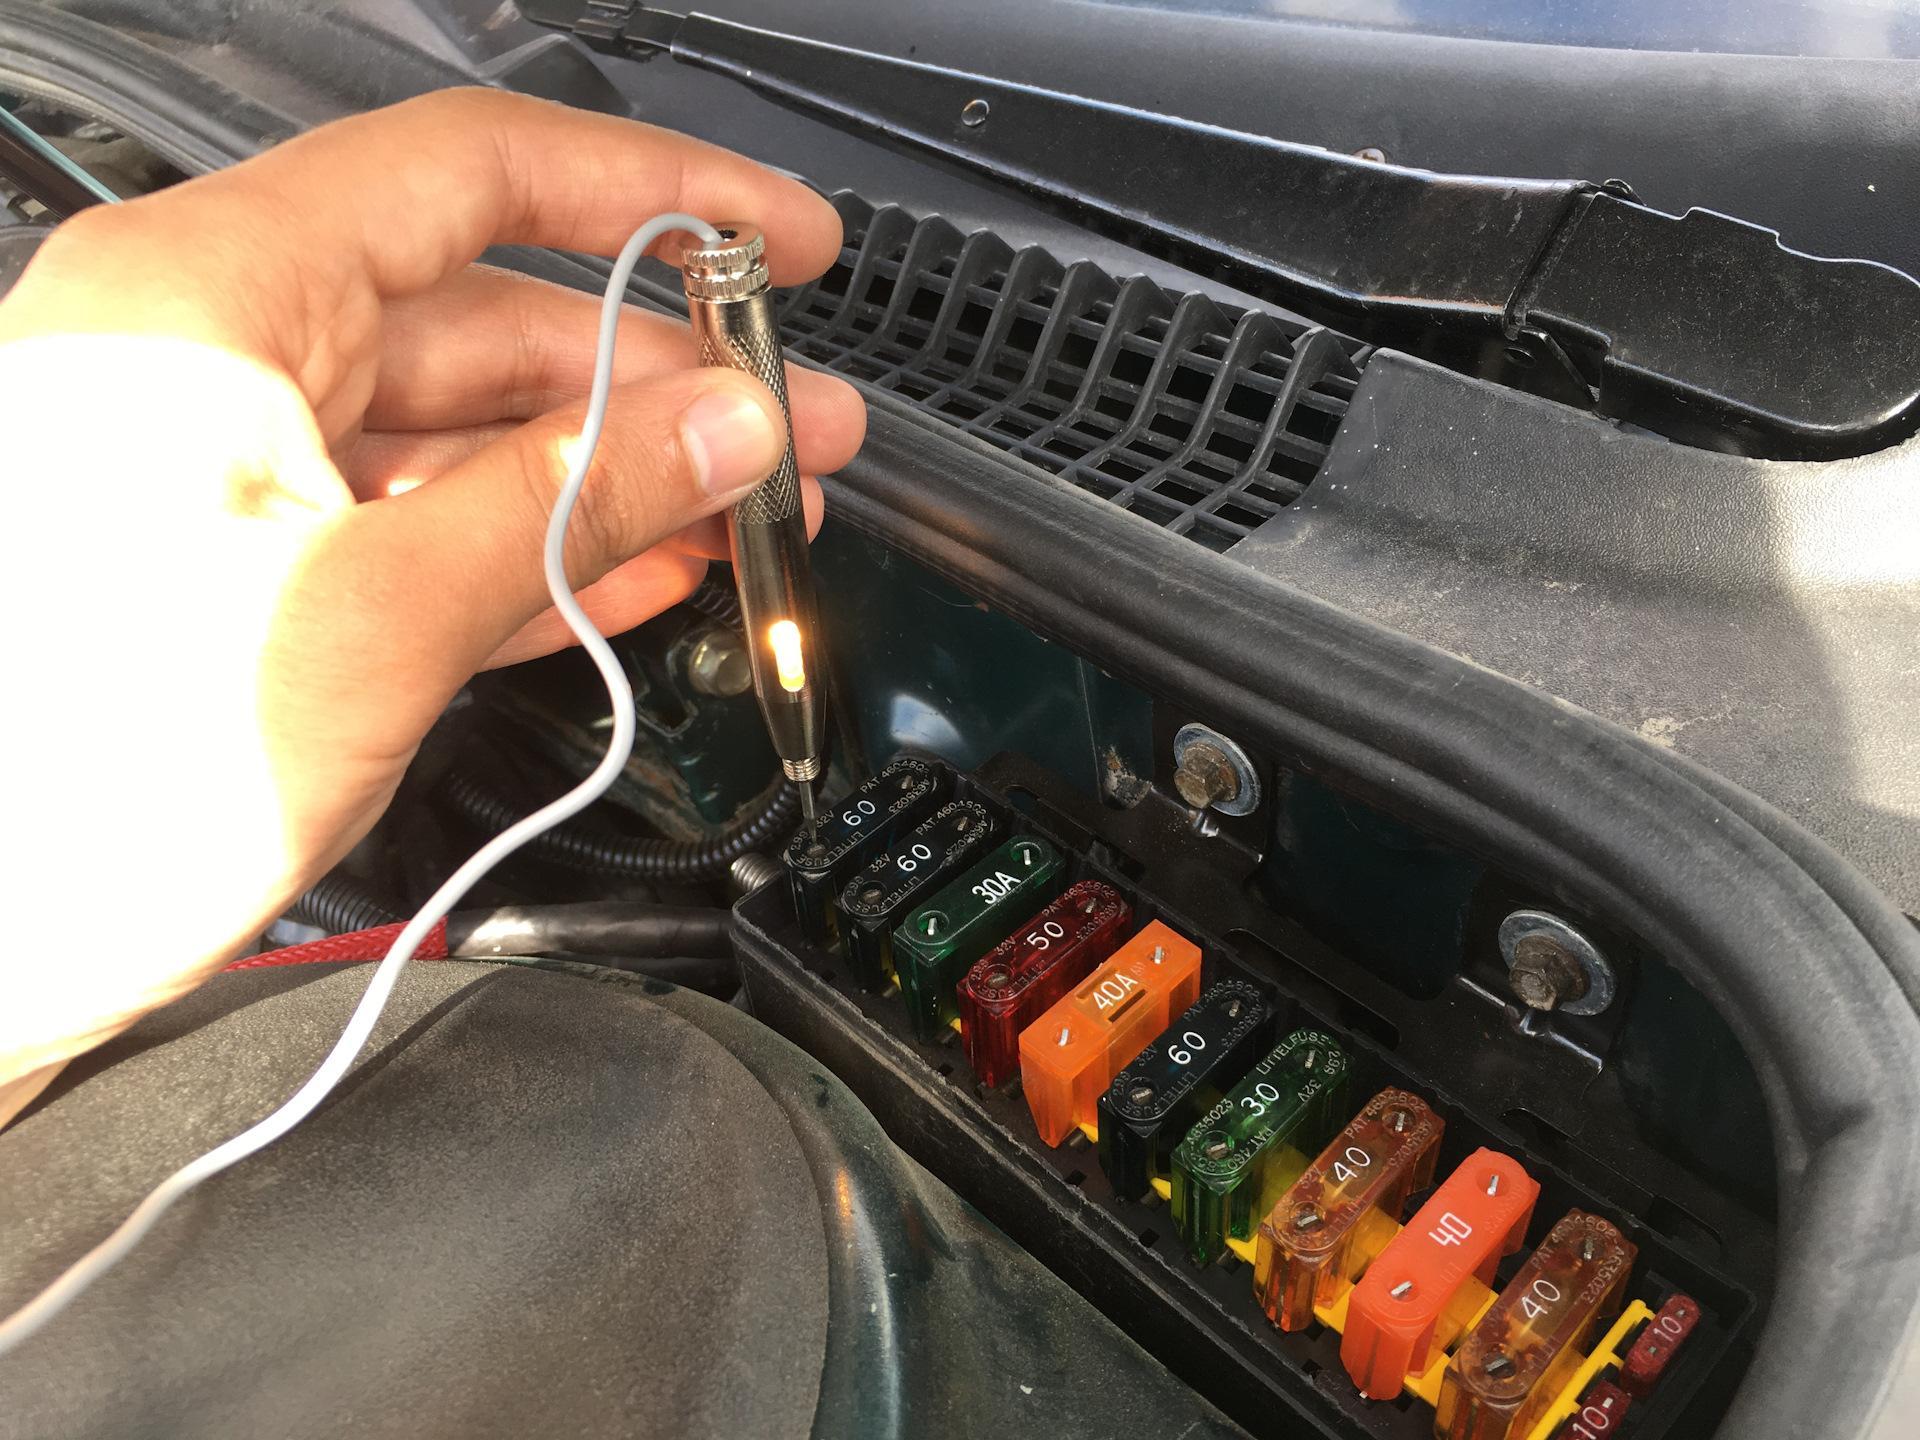 Предохранители в машине проверить тестером с лампочкой